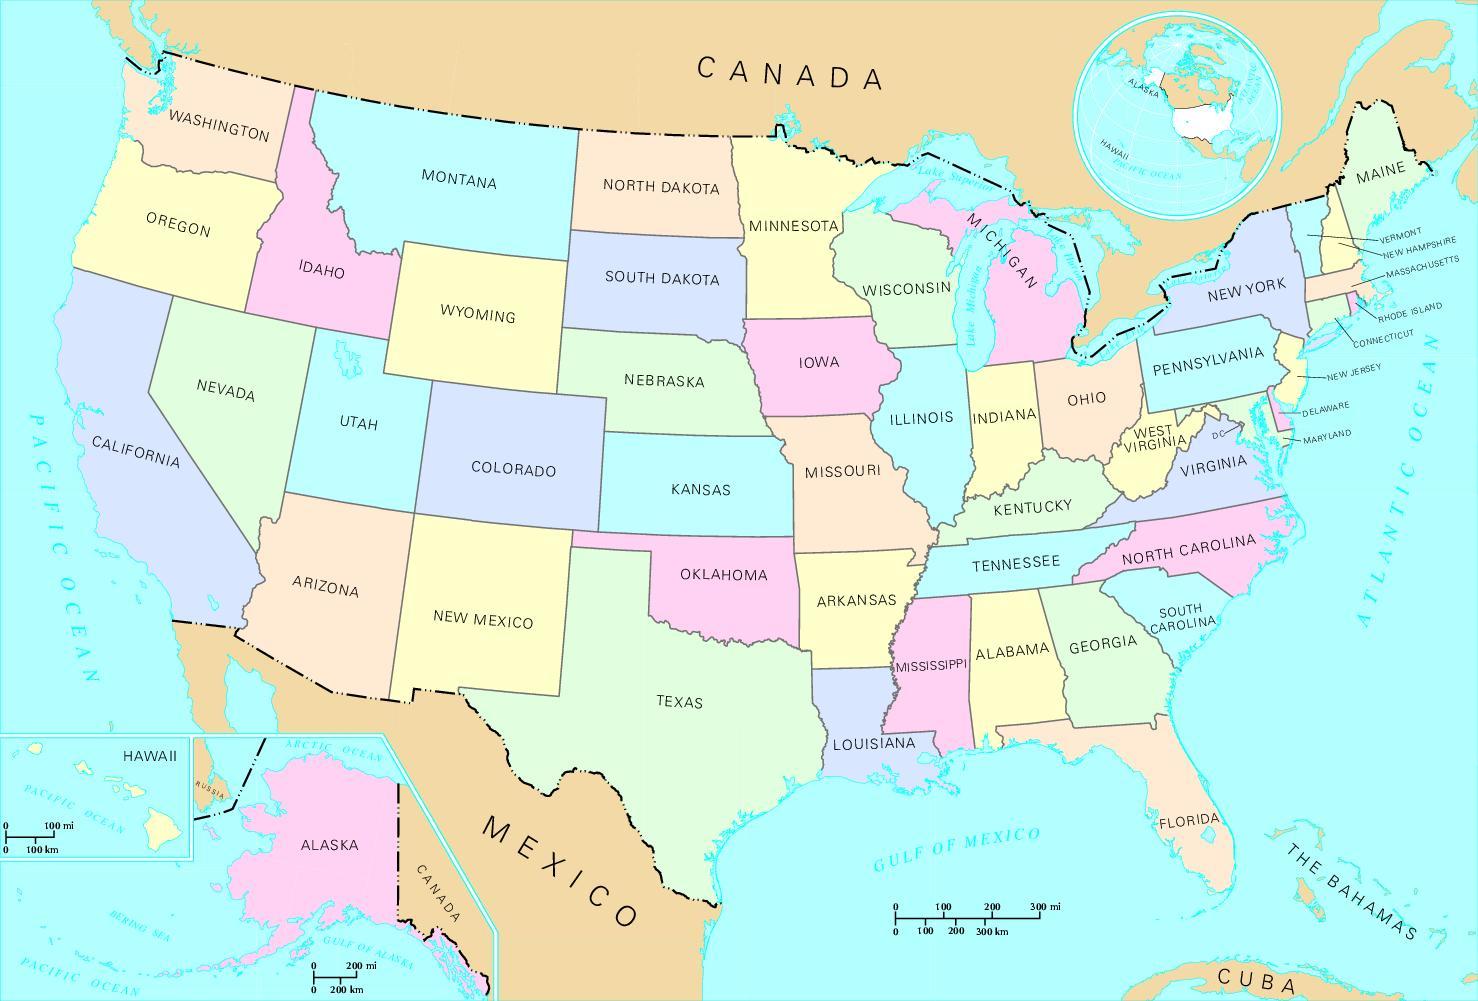 Kartta Meille Valtioiden Yhdysvaltain Kartta Jossa Maiden